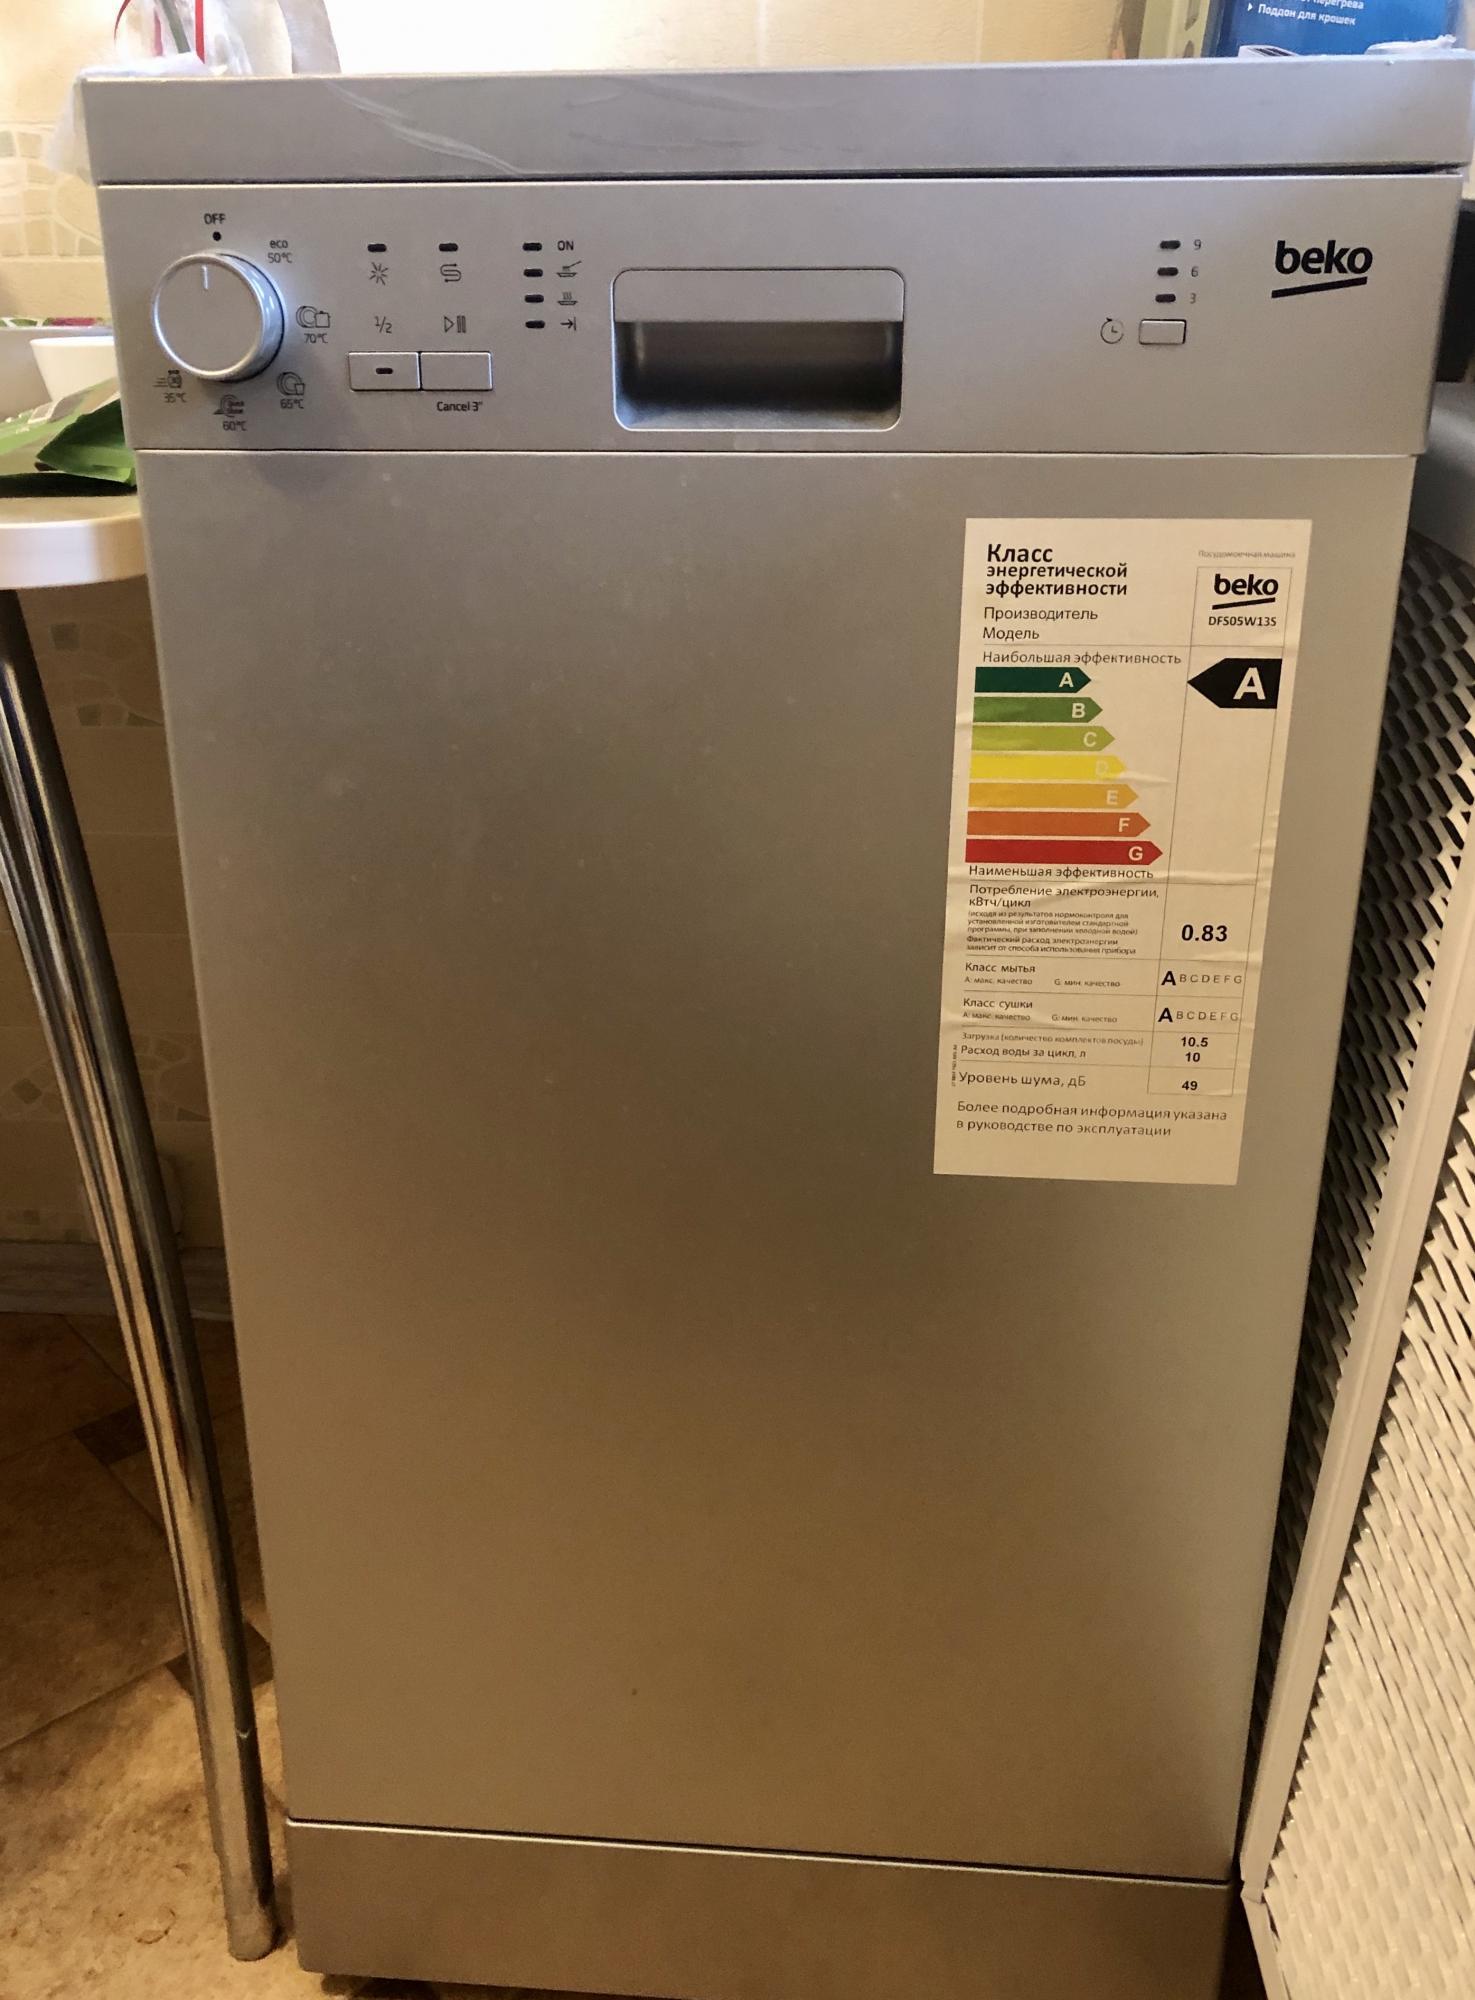 Посудомоечная машина Beko DFS05W13S в Павловской Слободе 89253690157 купить 3